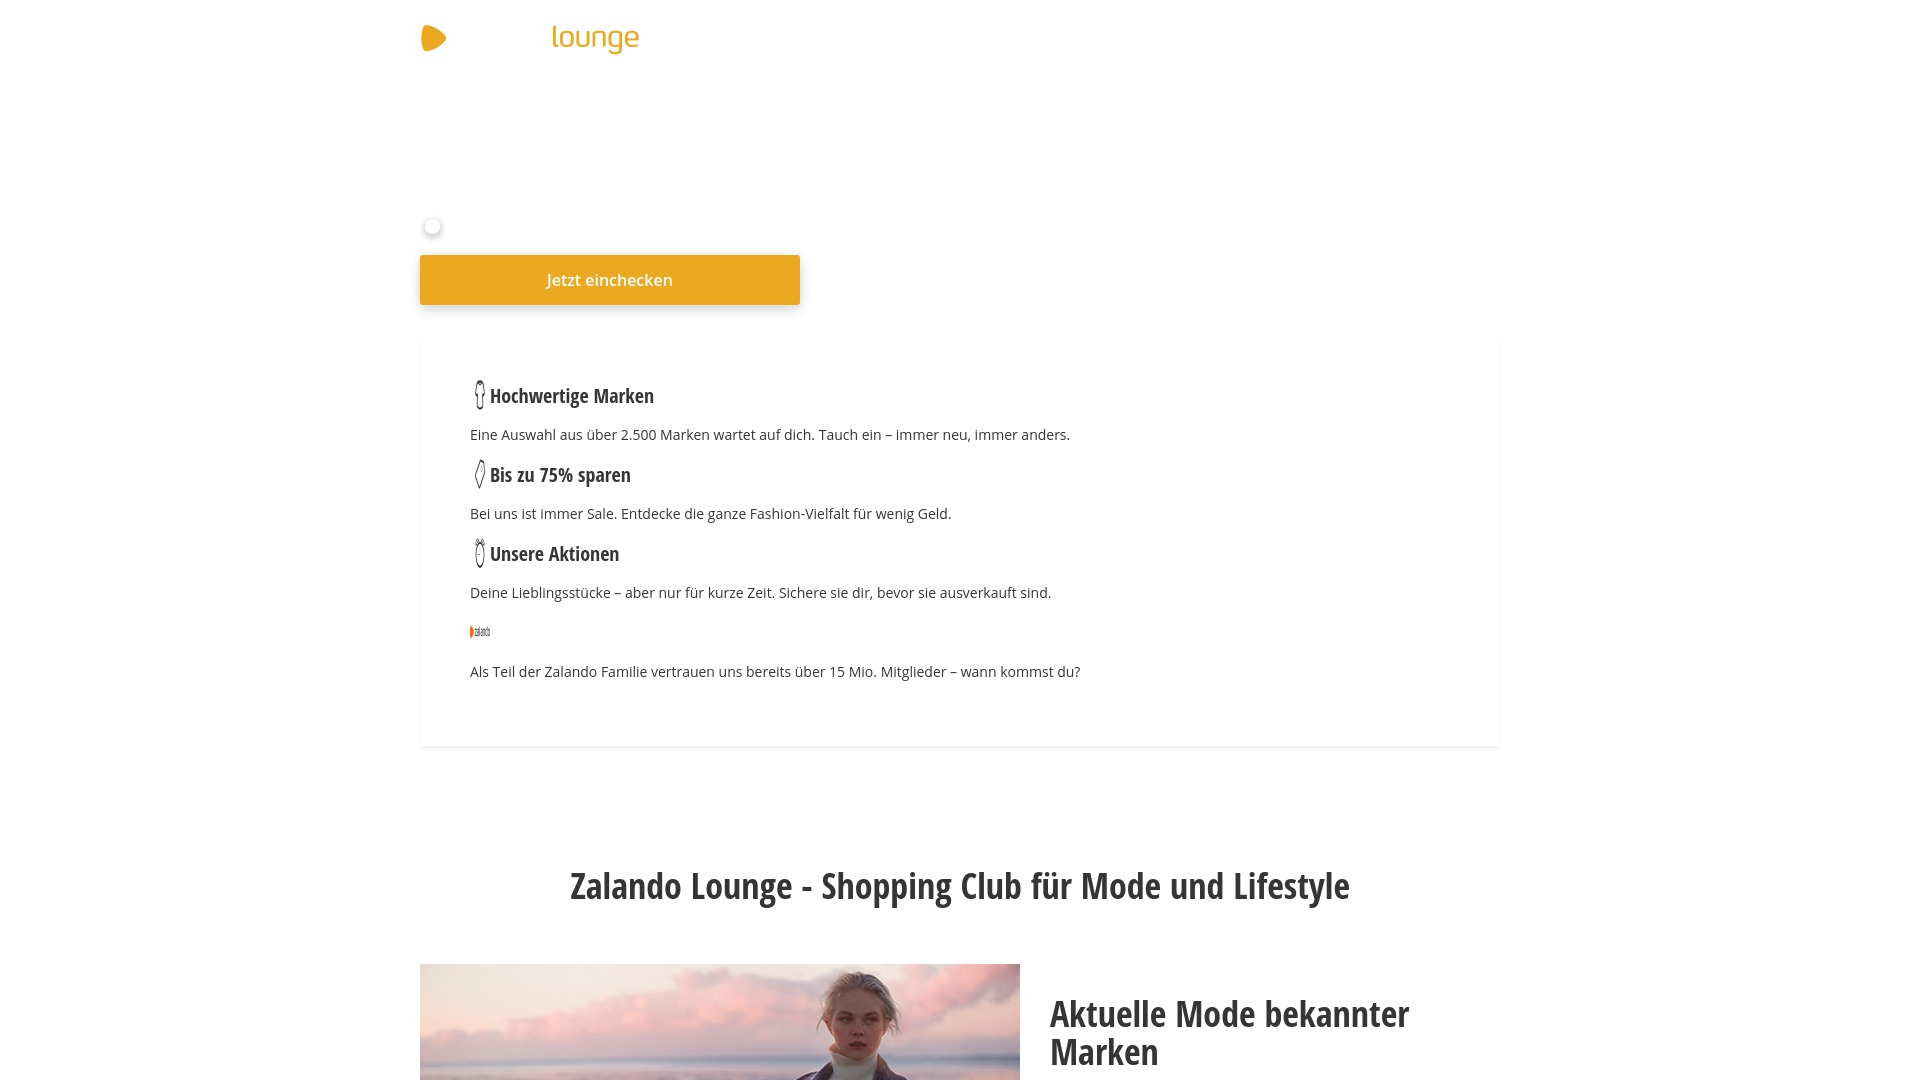 Geld zurück bei Zalando-lounge: Jetzt im Oktober 2021 Cashback für Zalando-lounge sichern